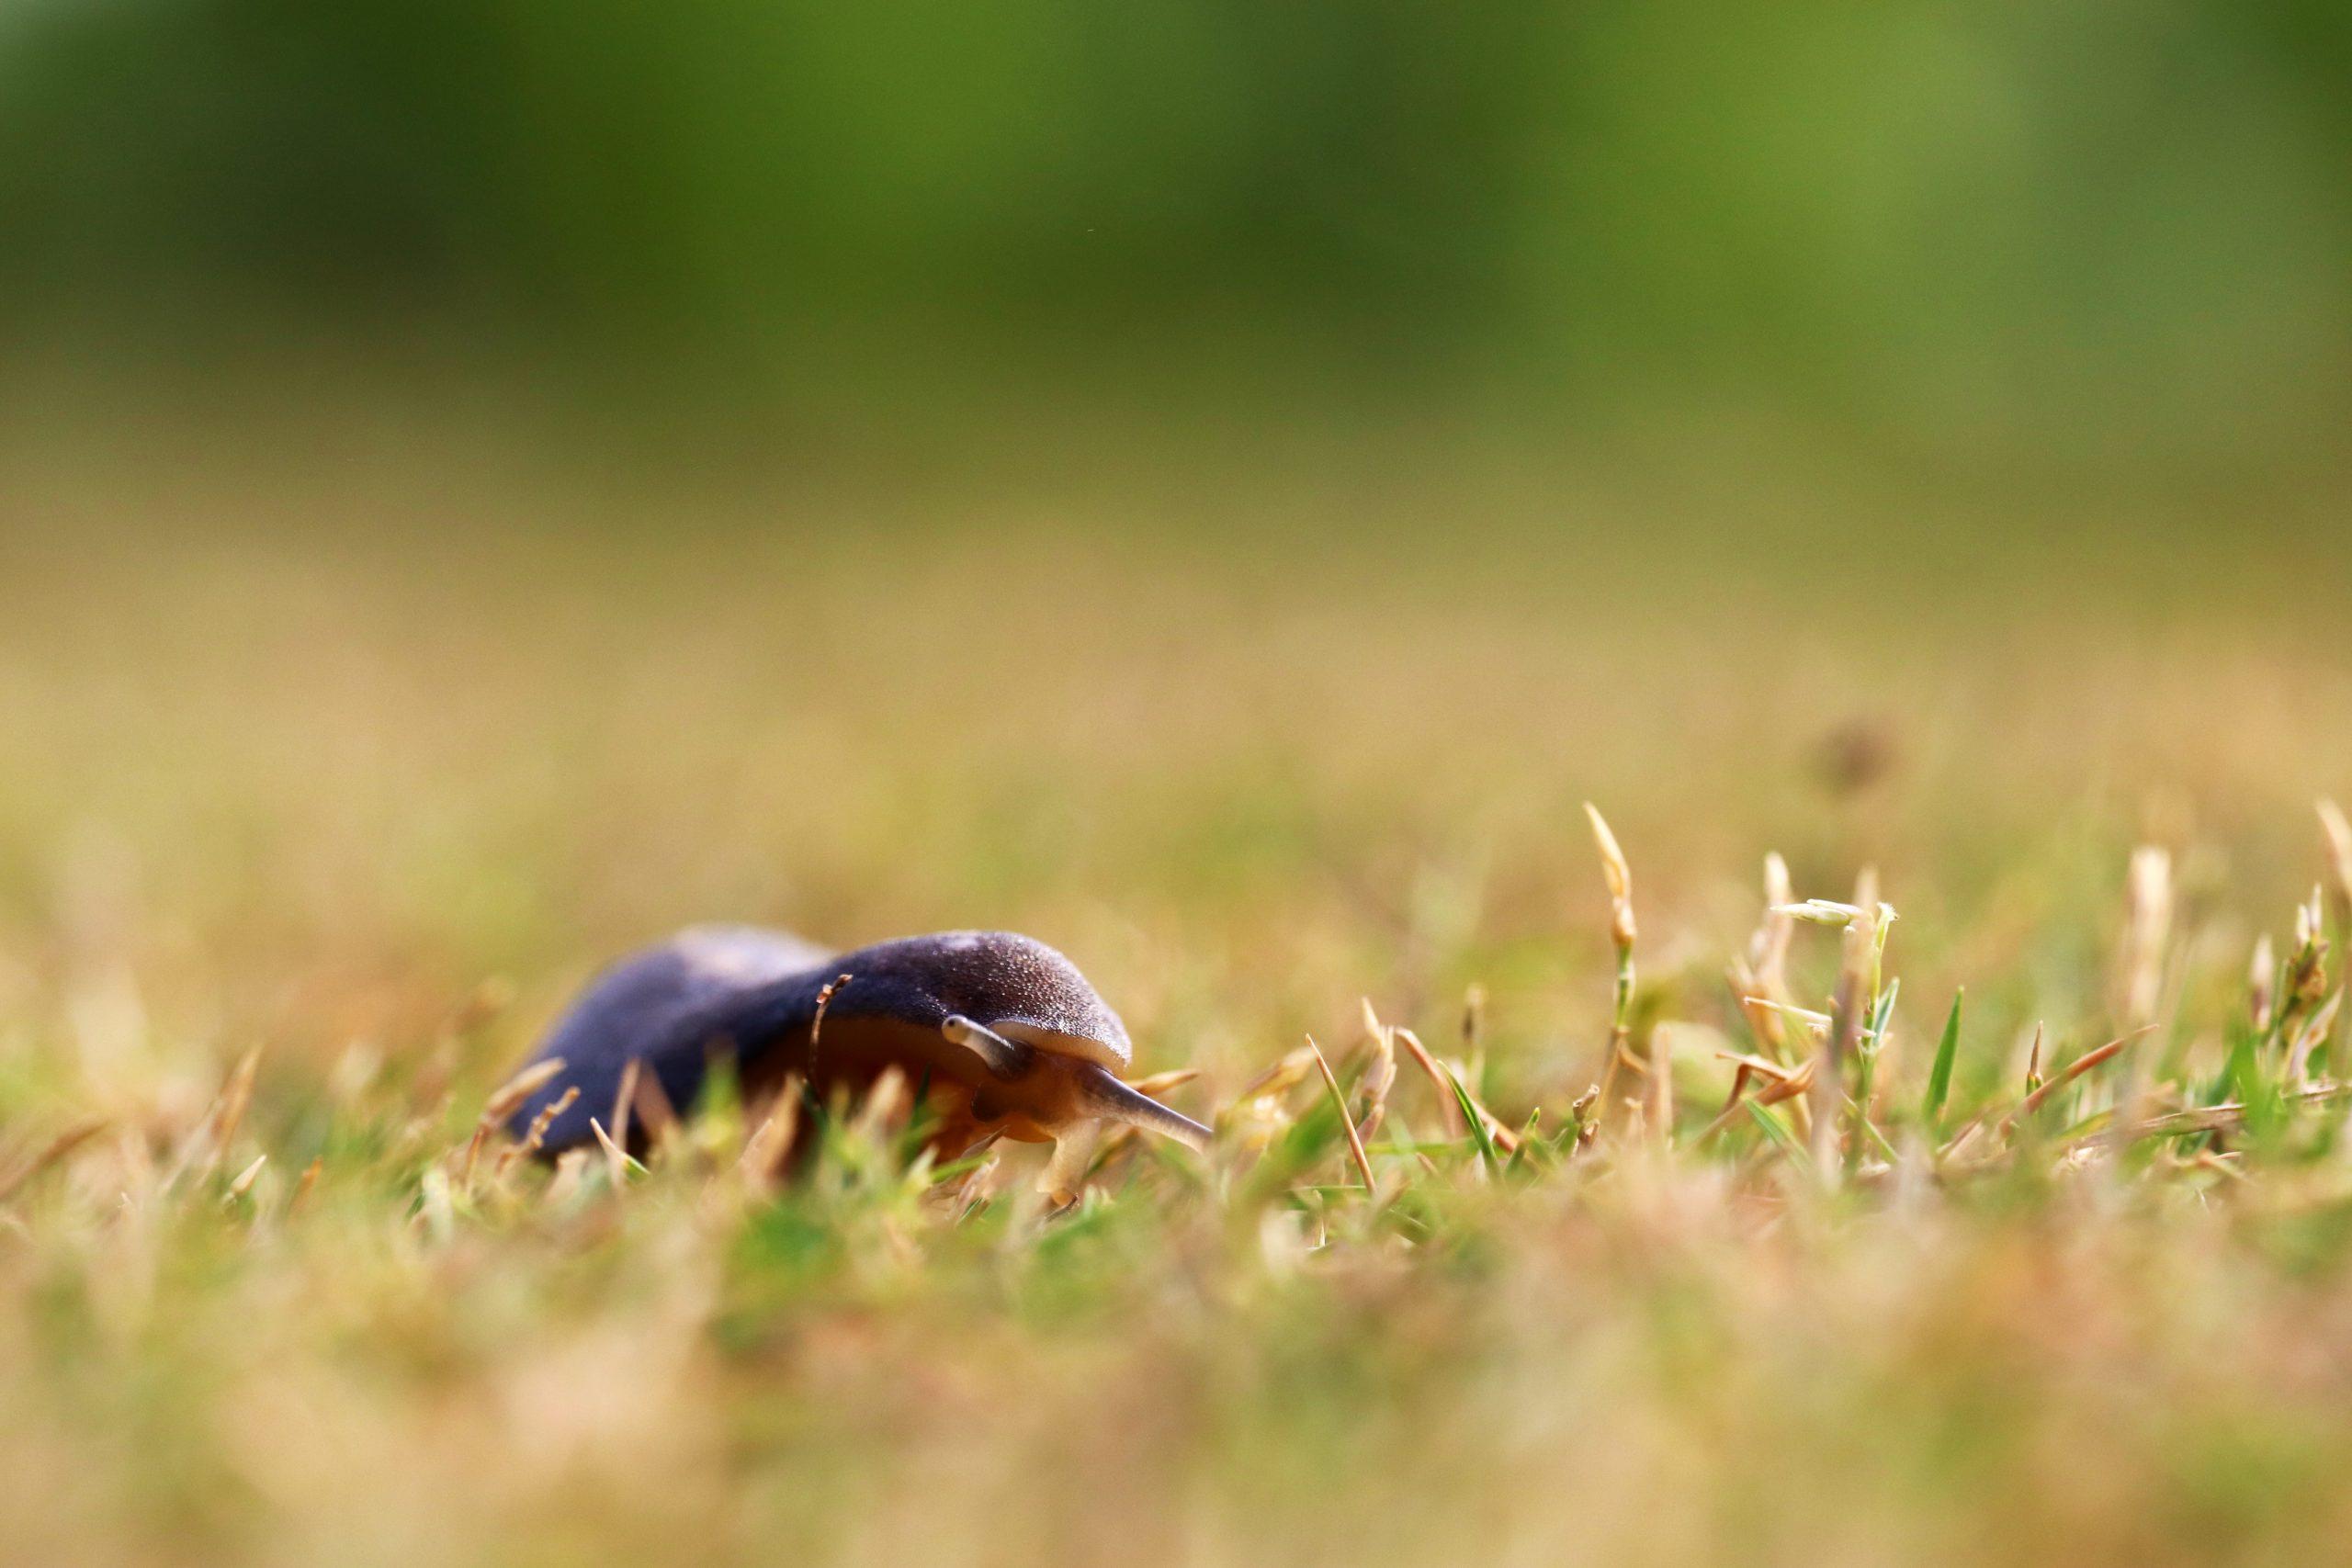 Slug crawling on the grass